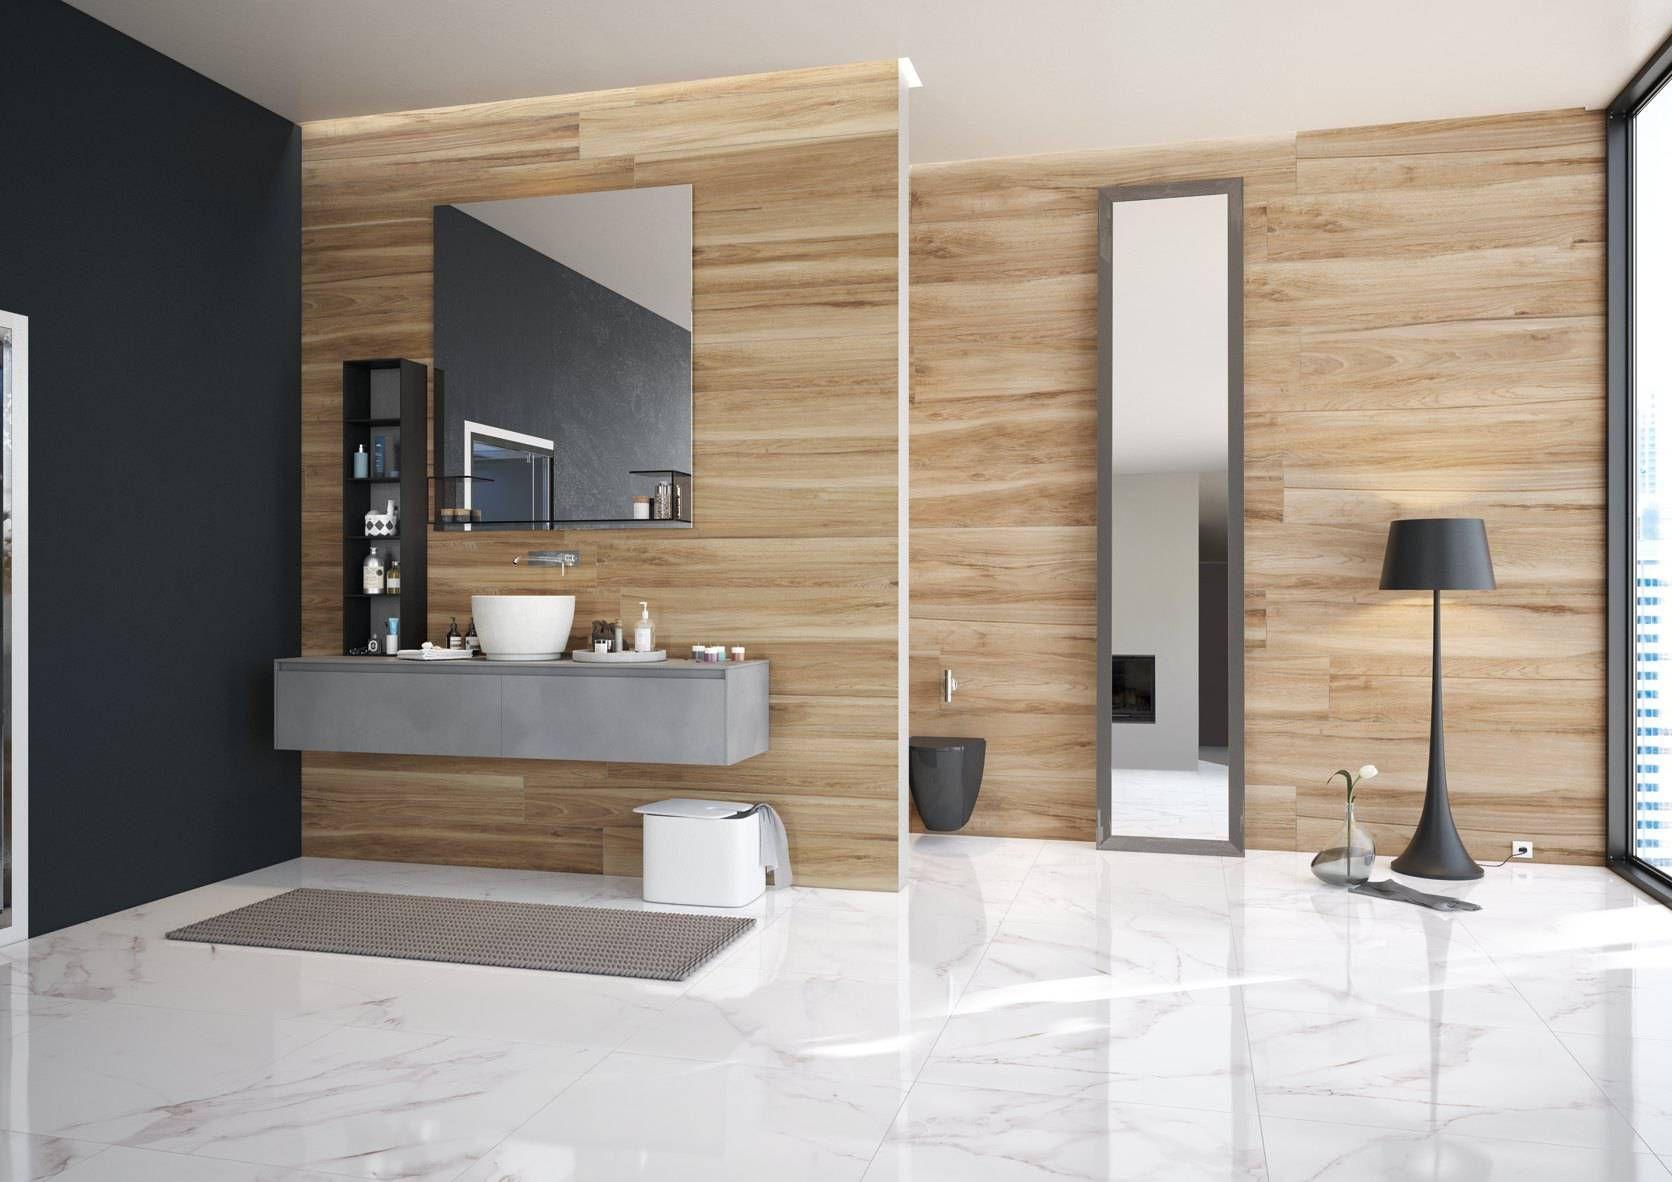 Gres effetto legno e gres effetto marmo marmo un connubio senza tempo che si fonde in questo - Bagno effetto marmo ...